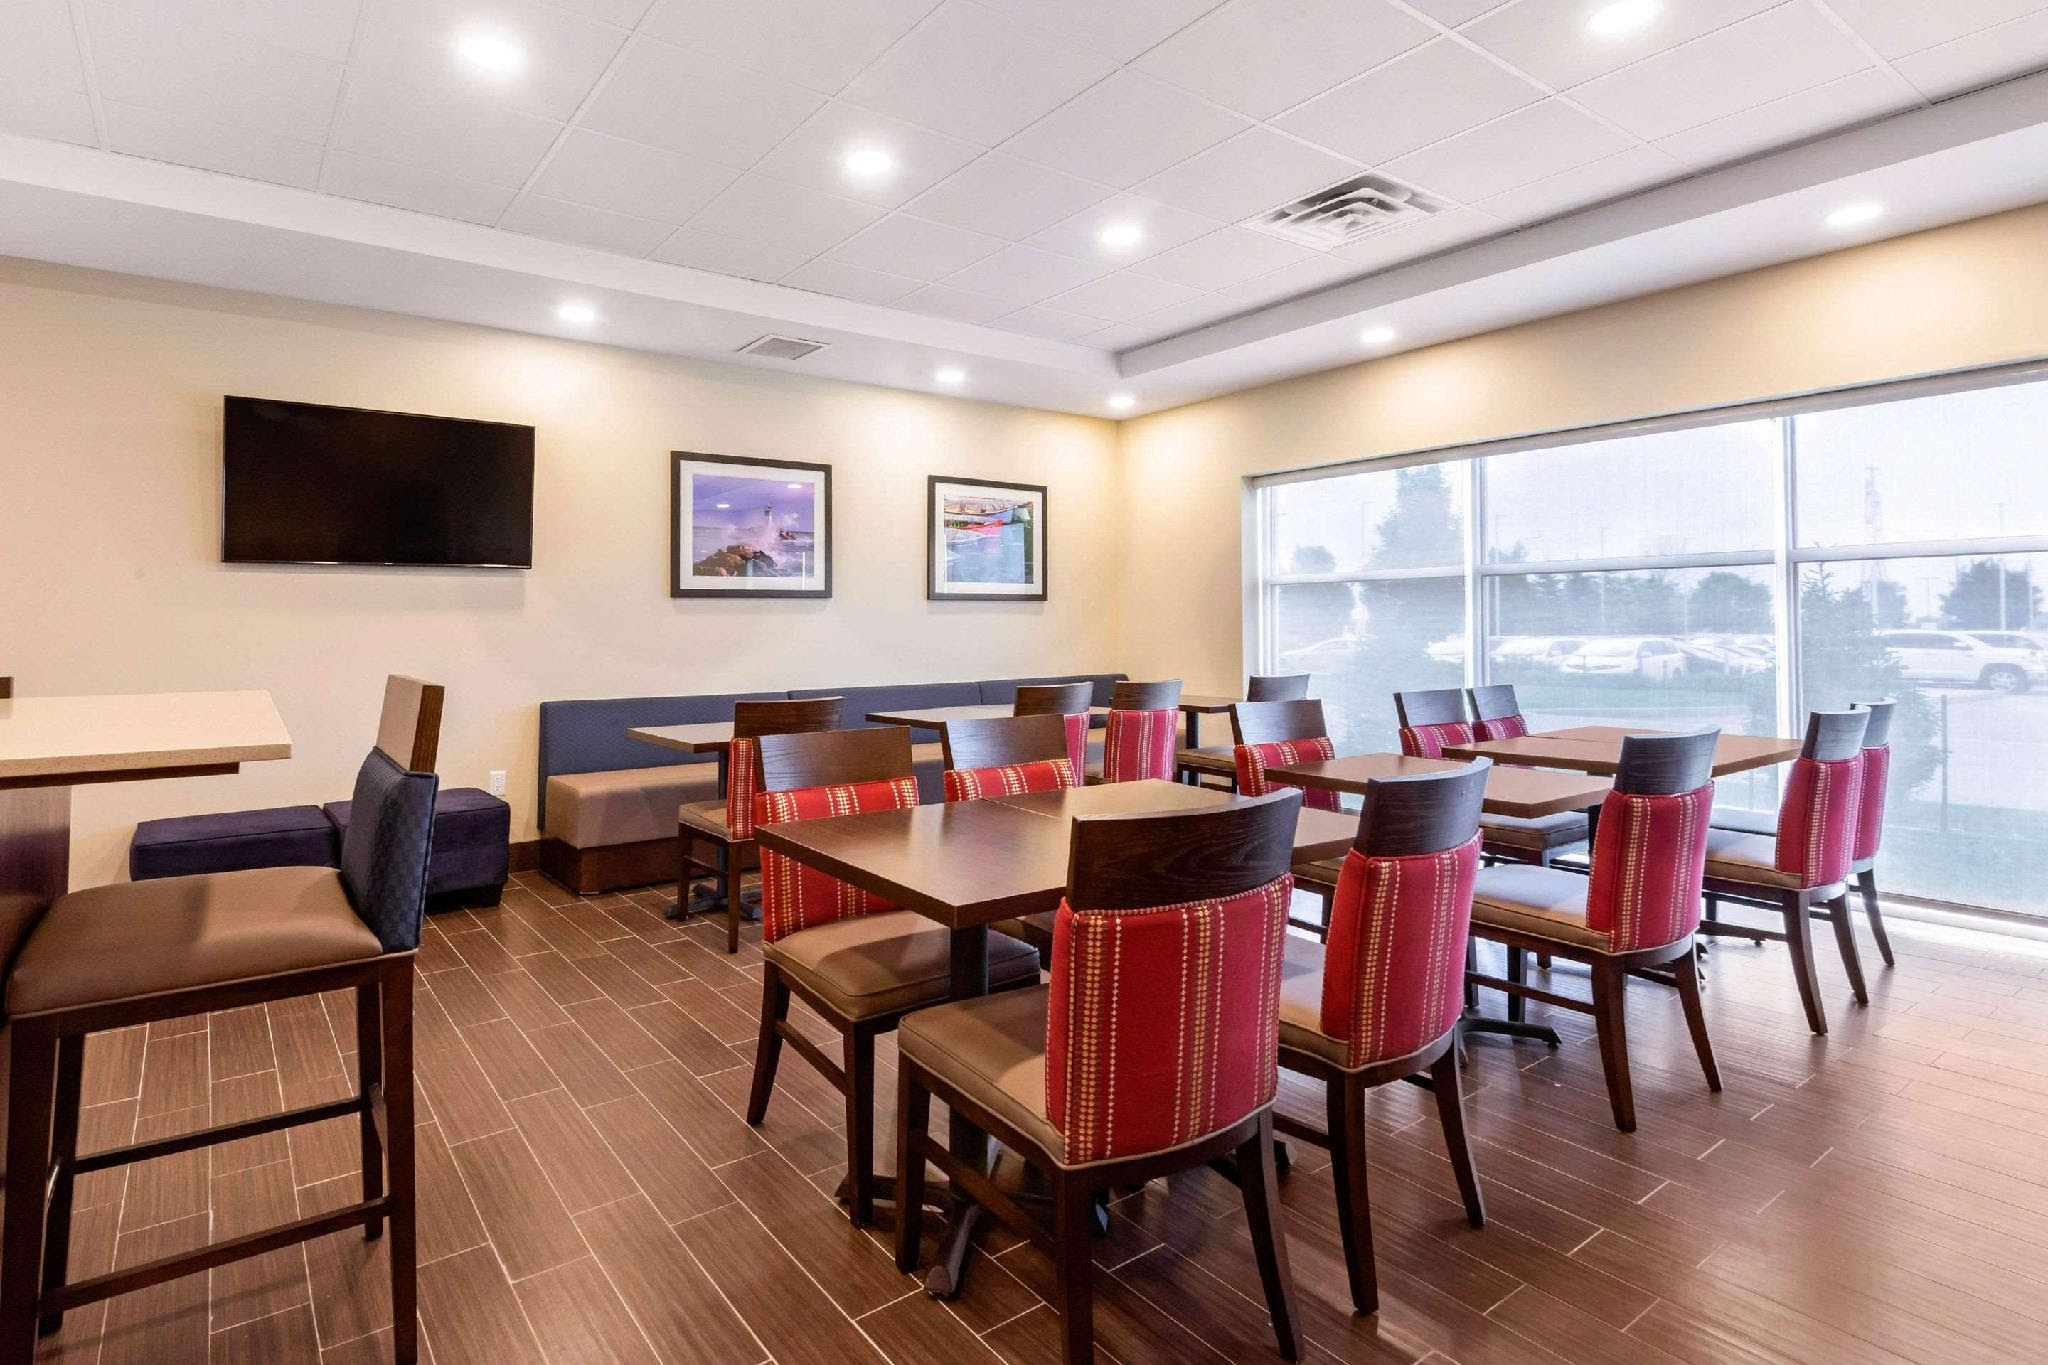 Review Comfort Inn & Suites